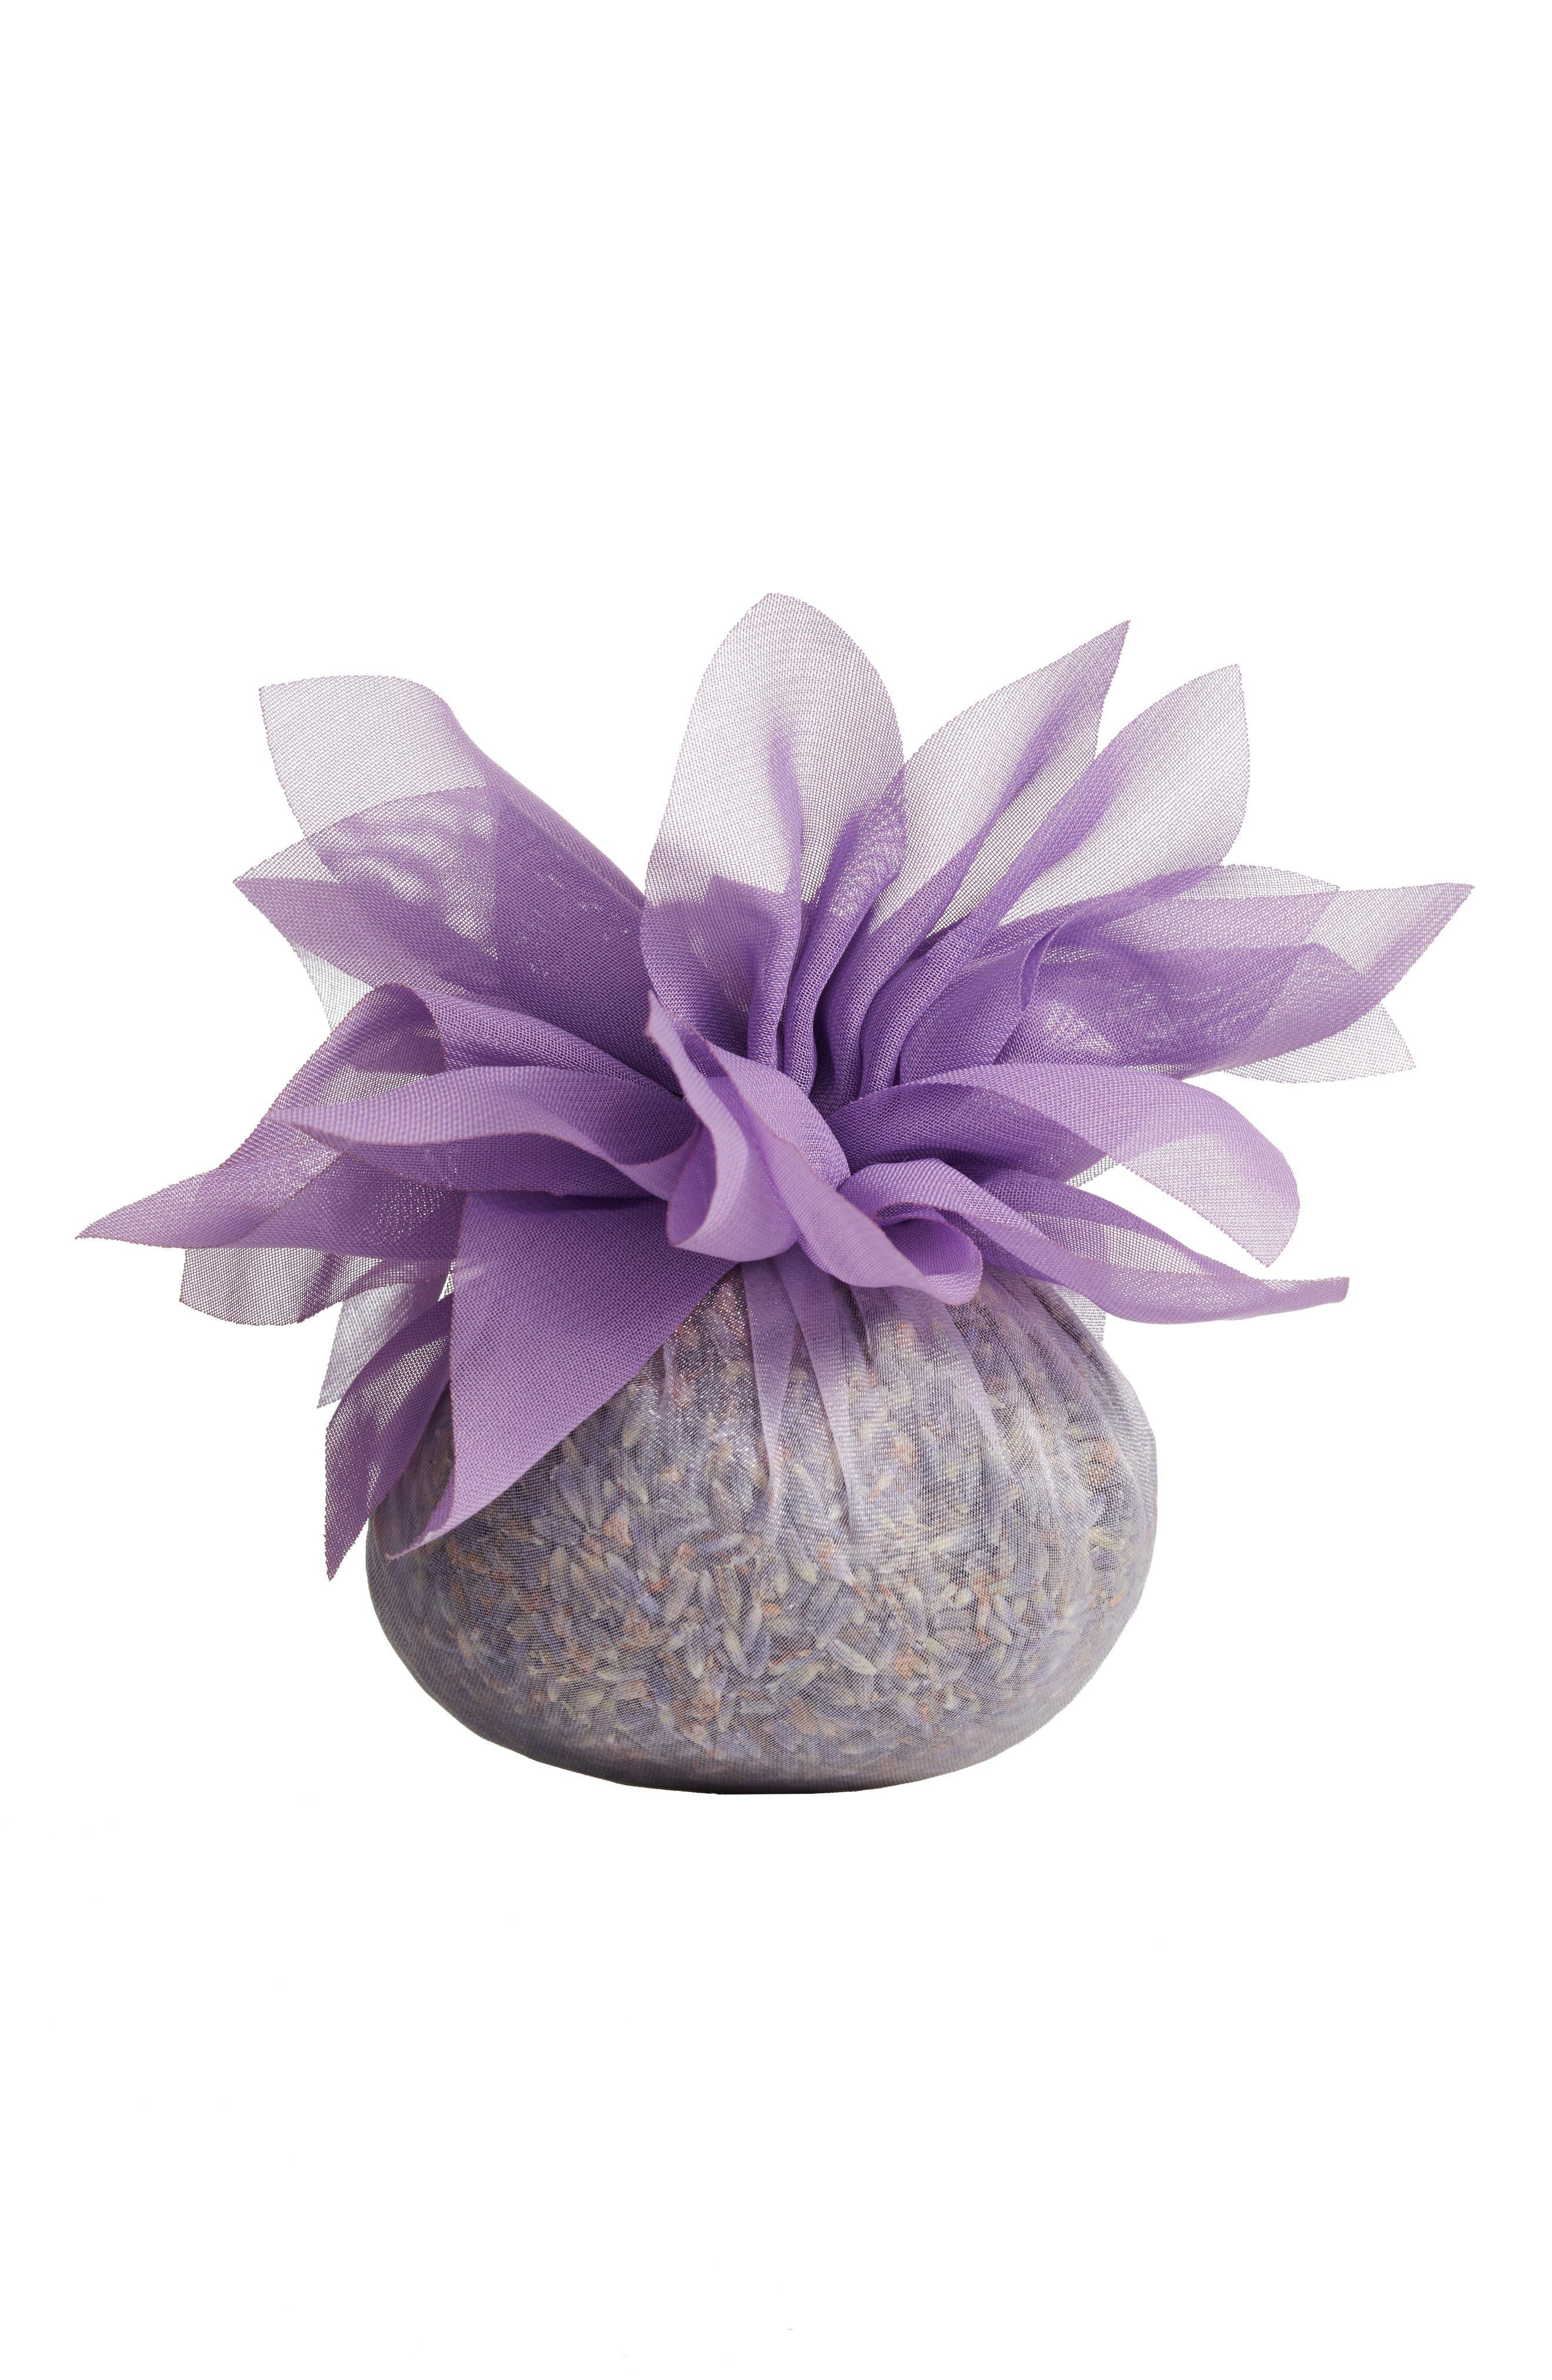 Purple Flower Sachet,                             Main thumbnail 1, color,                             No Color